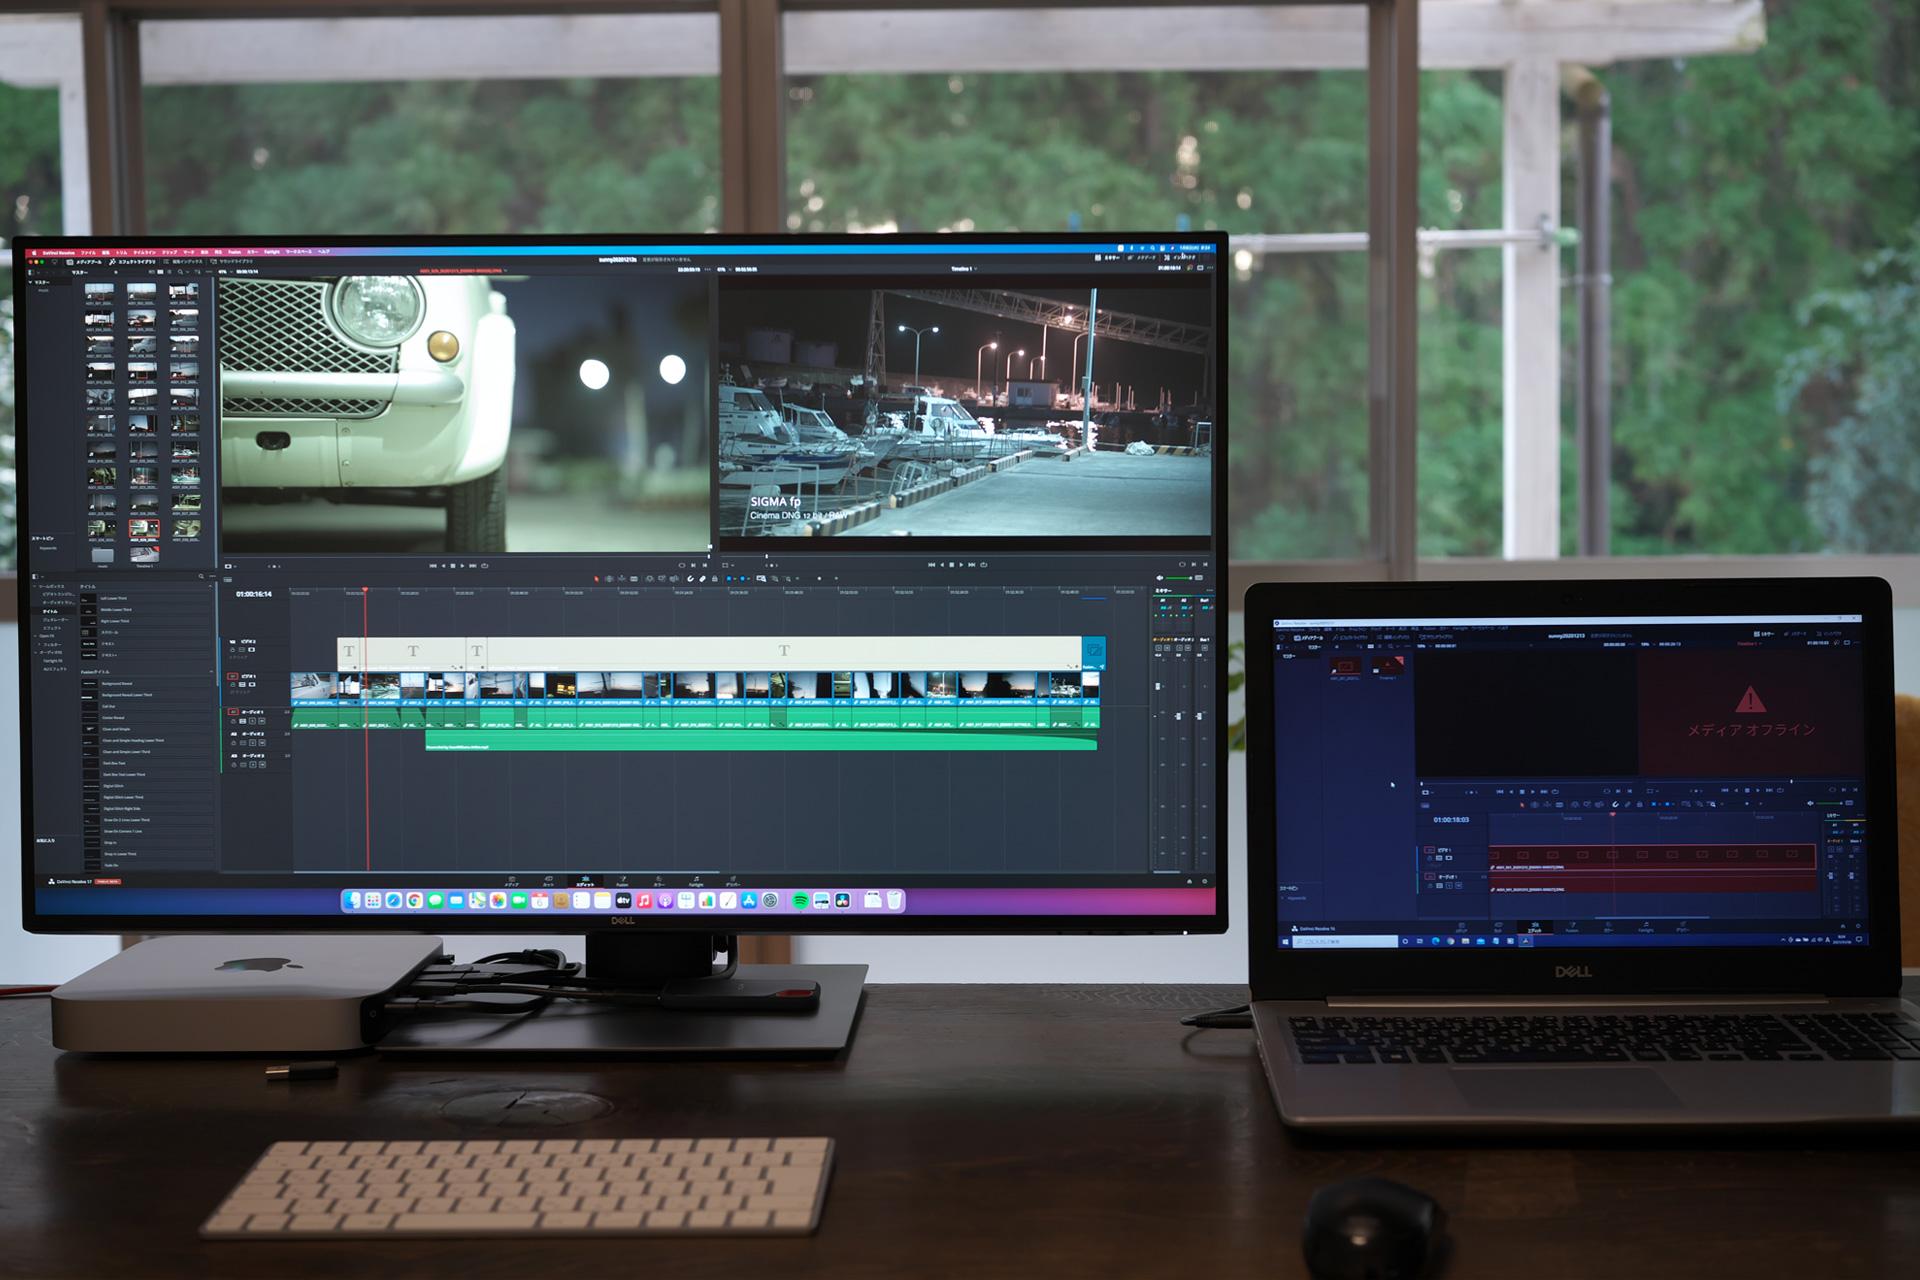 DELL15.6インチノートパソコンとDellモニター「U3219Q 31.5インチ 4K HDR USBーC / IPS」のダビンチリゾルブ編集画面の表示サイズ比較